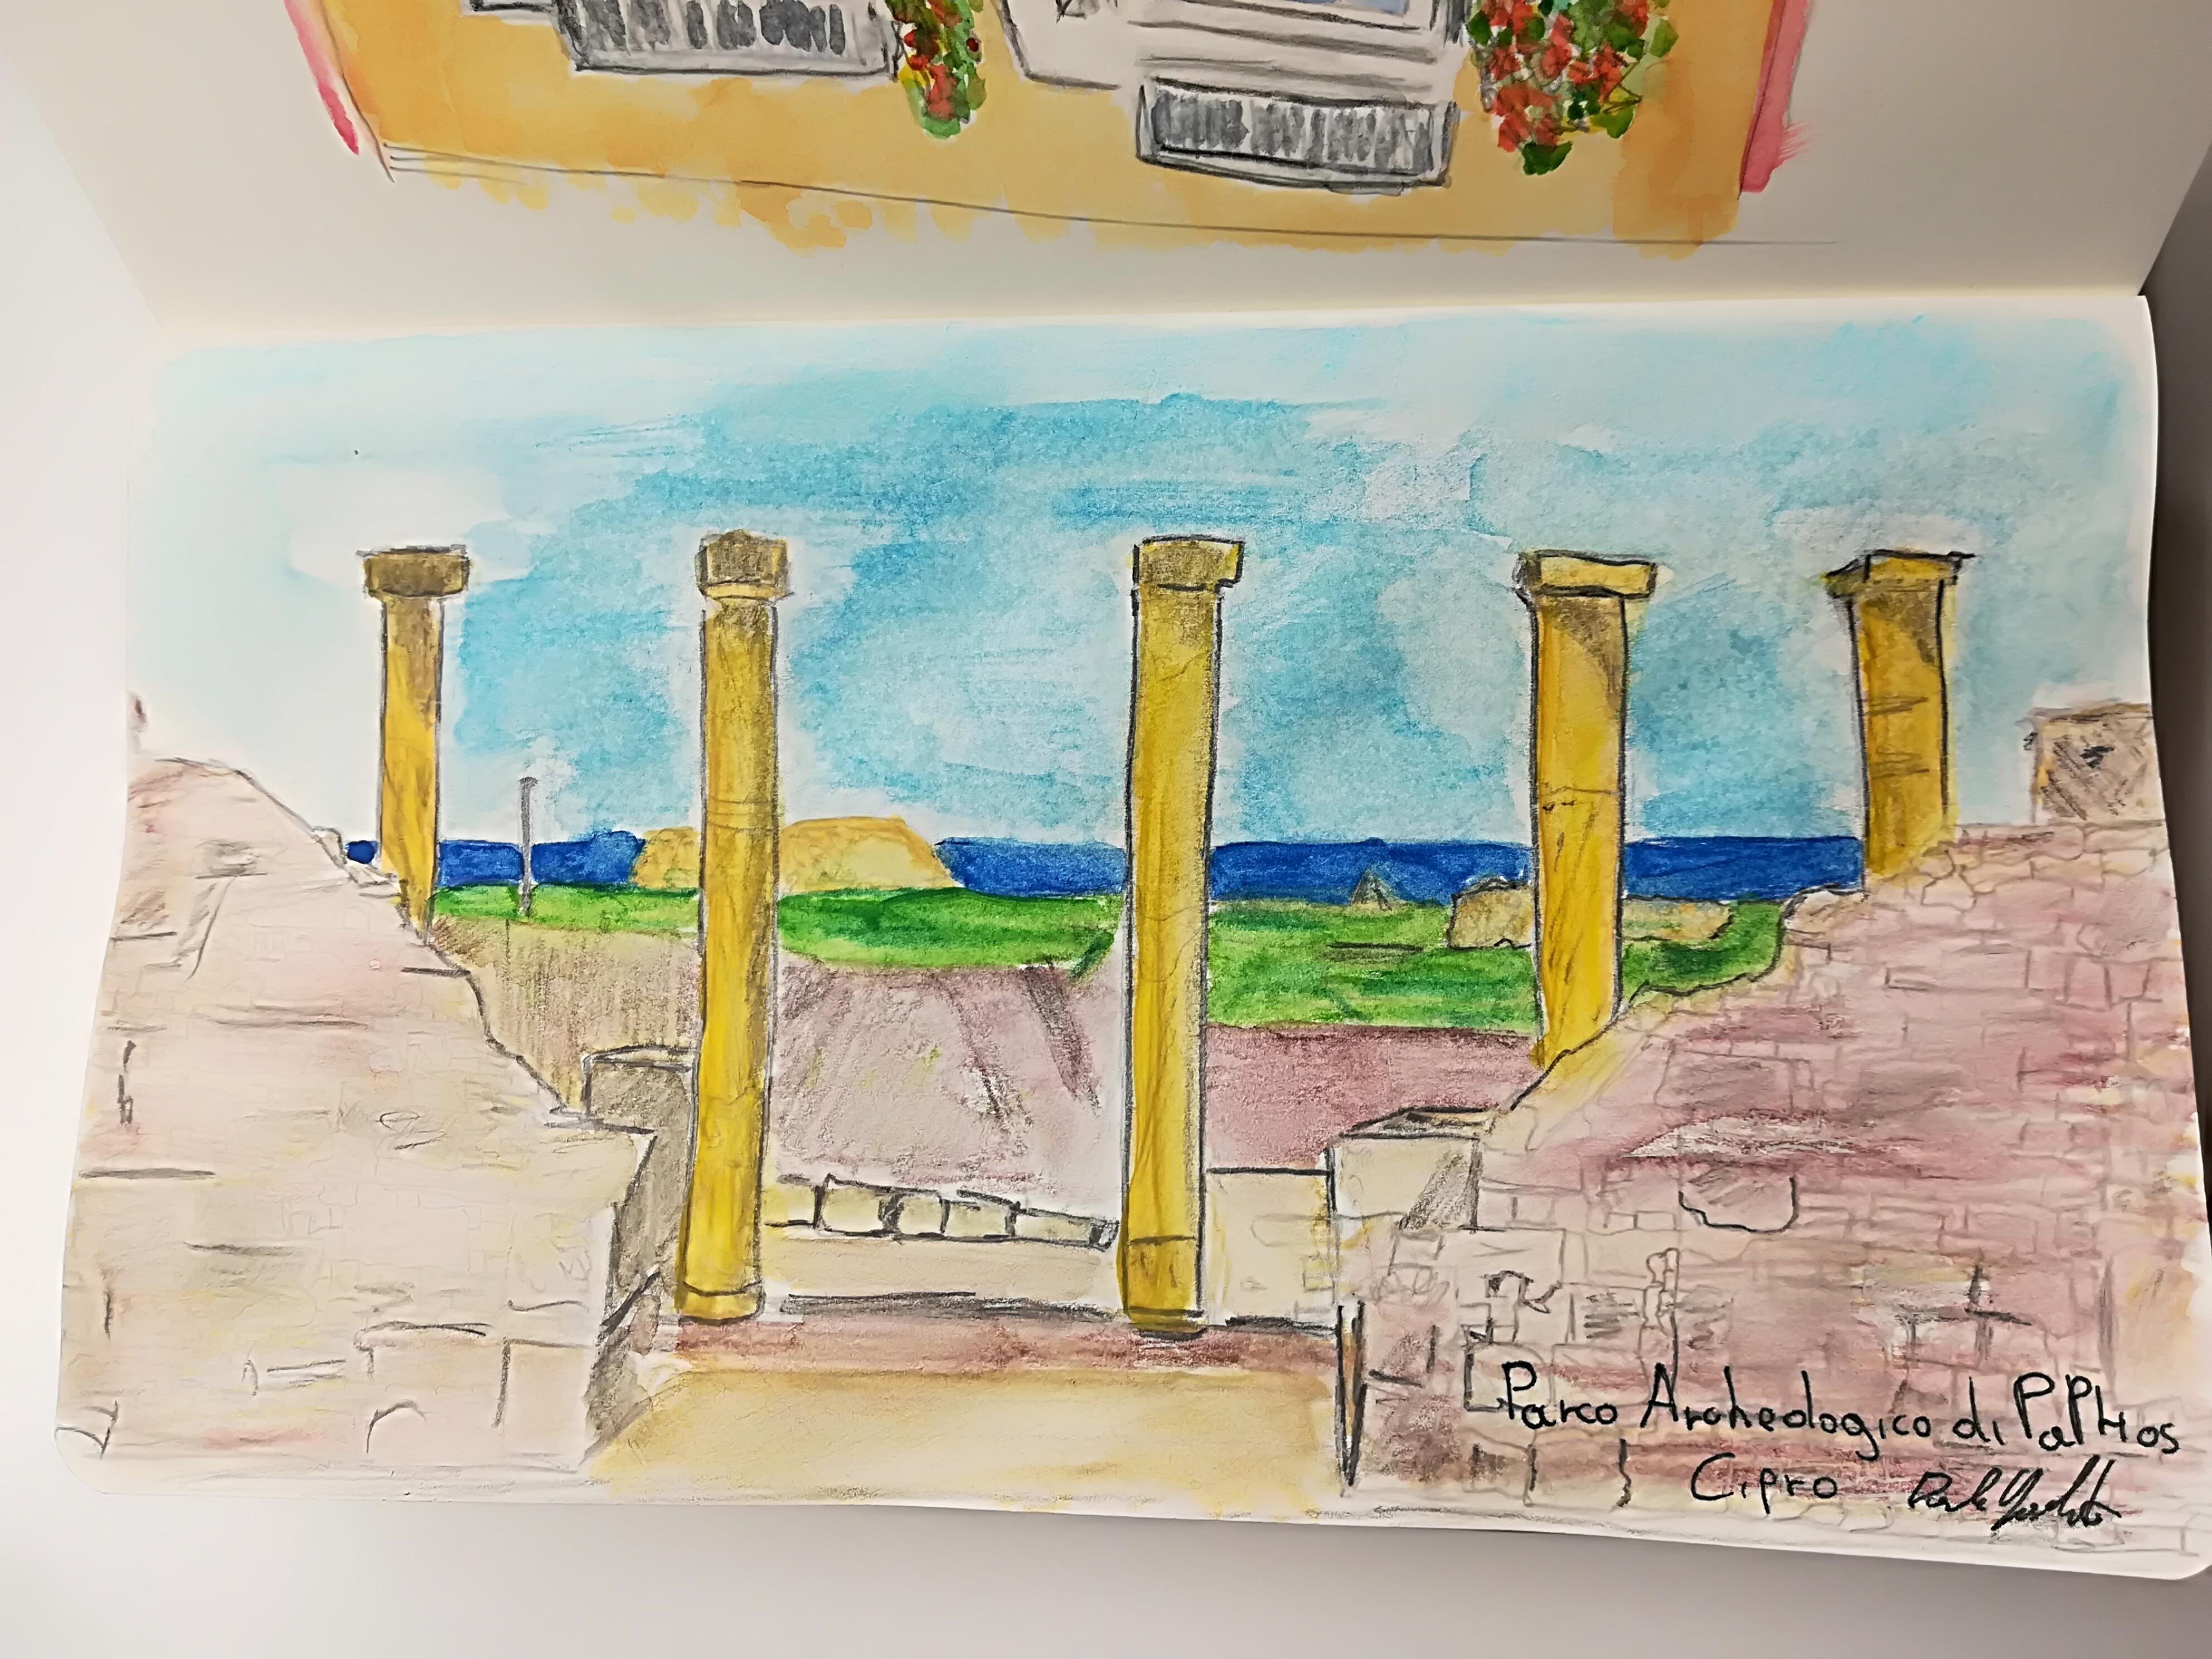 Parco archeologico a Cipro